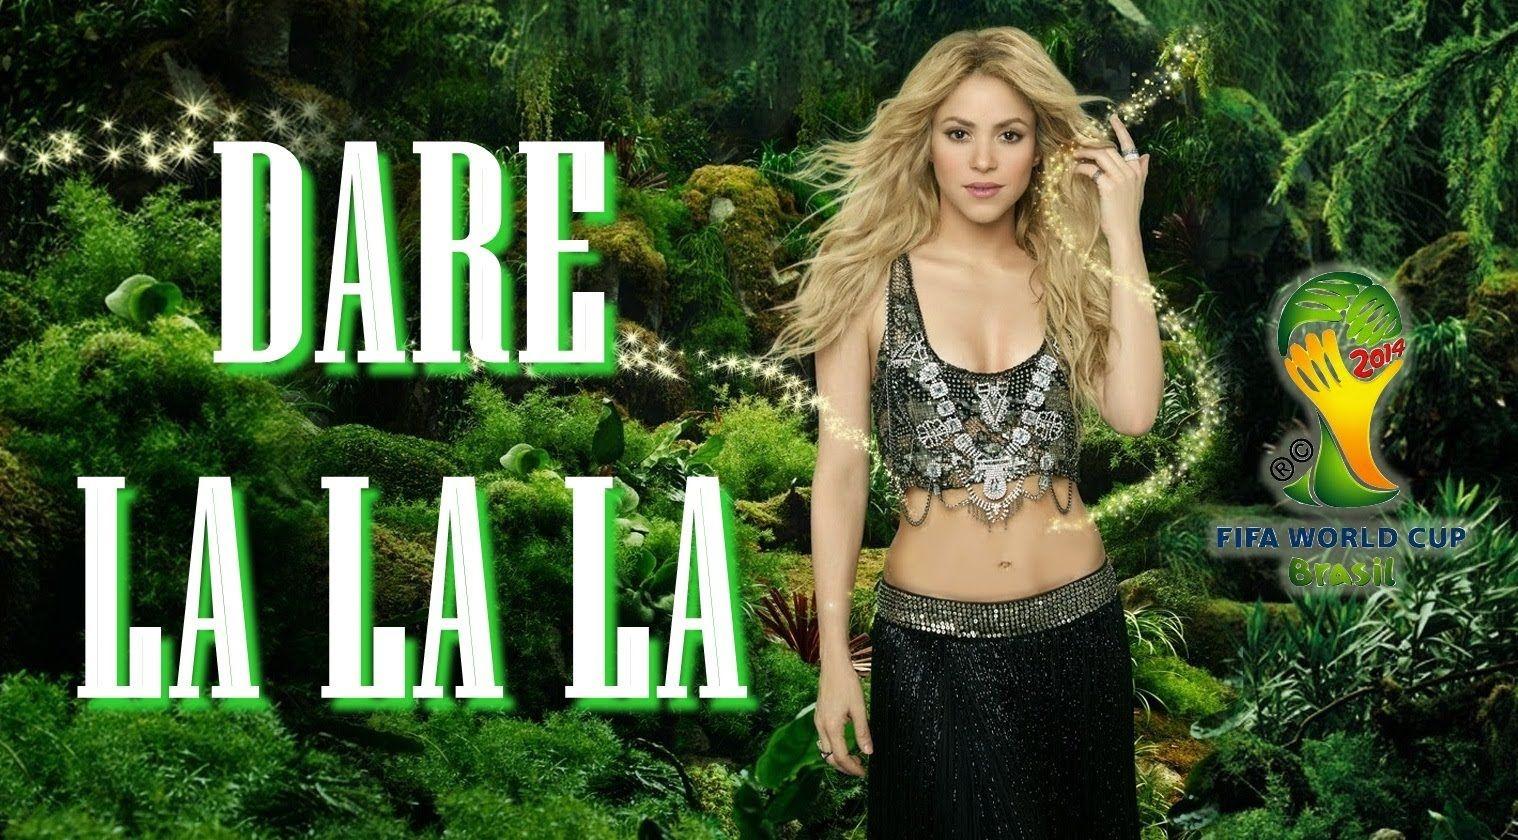 Shakira Dare La La La Feat Carlinhos Brown Official World Cup 2014 Song Brazil World Cup 2014 Go Usa Go Brazil World Cup Song World Cup Shakira